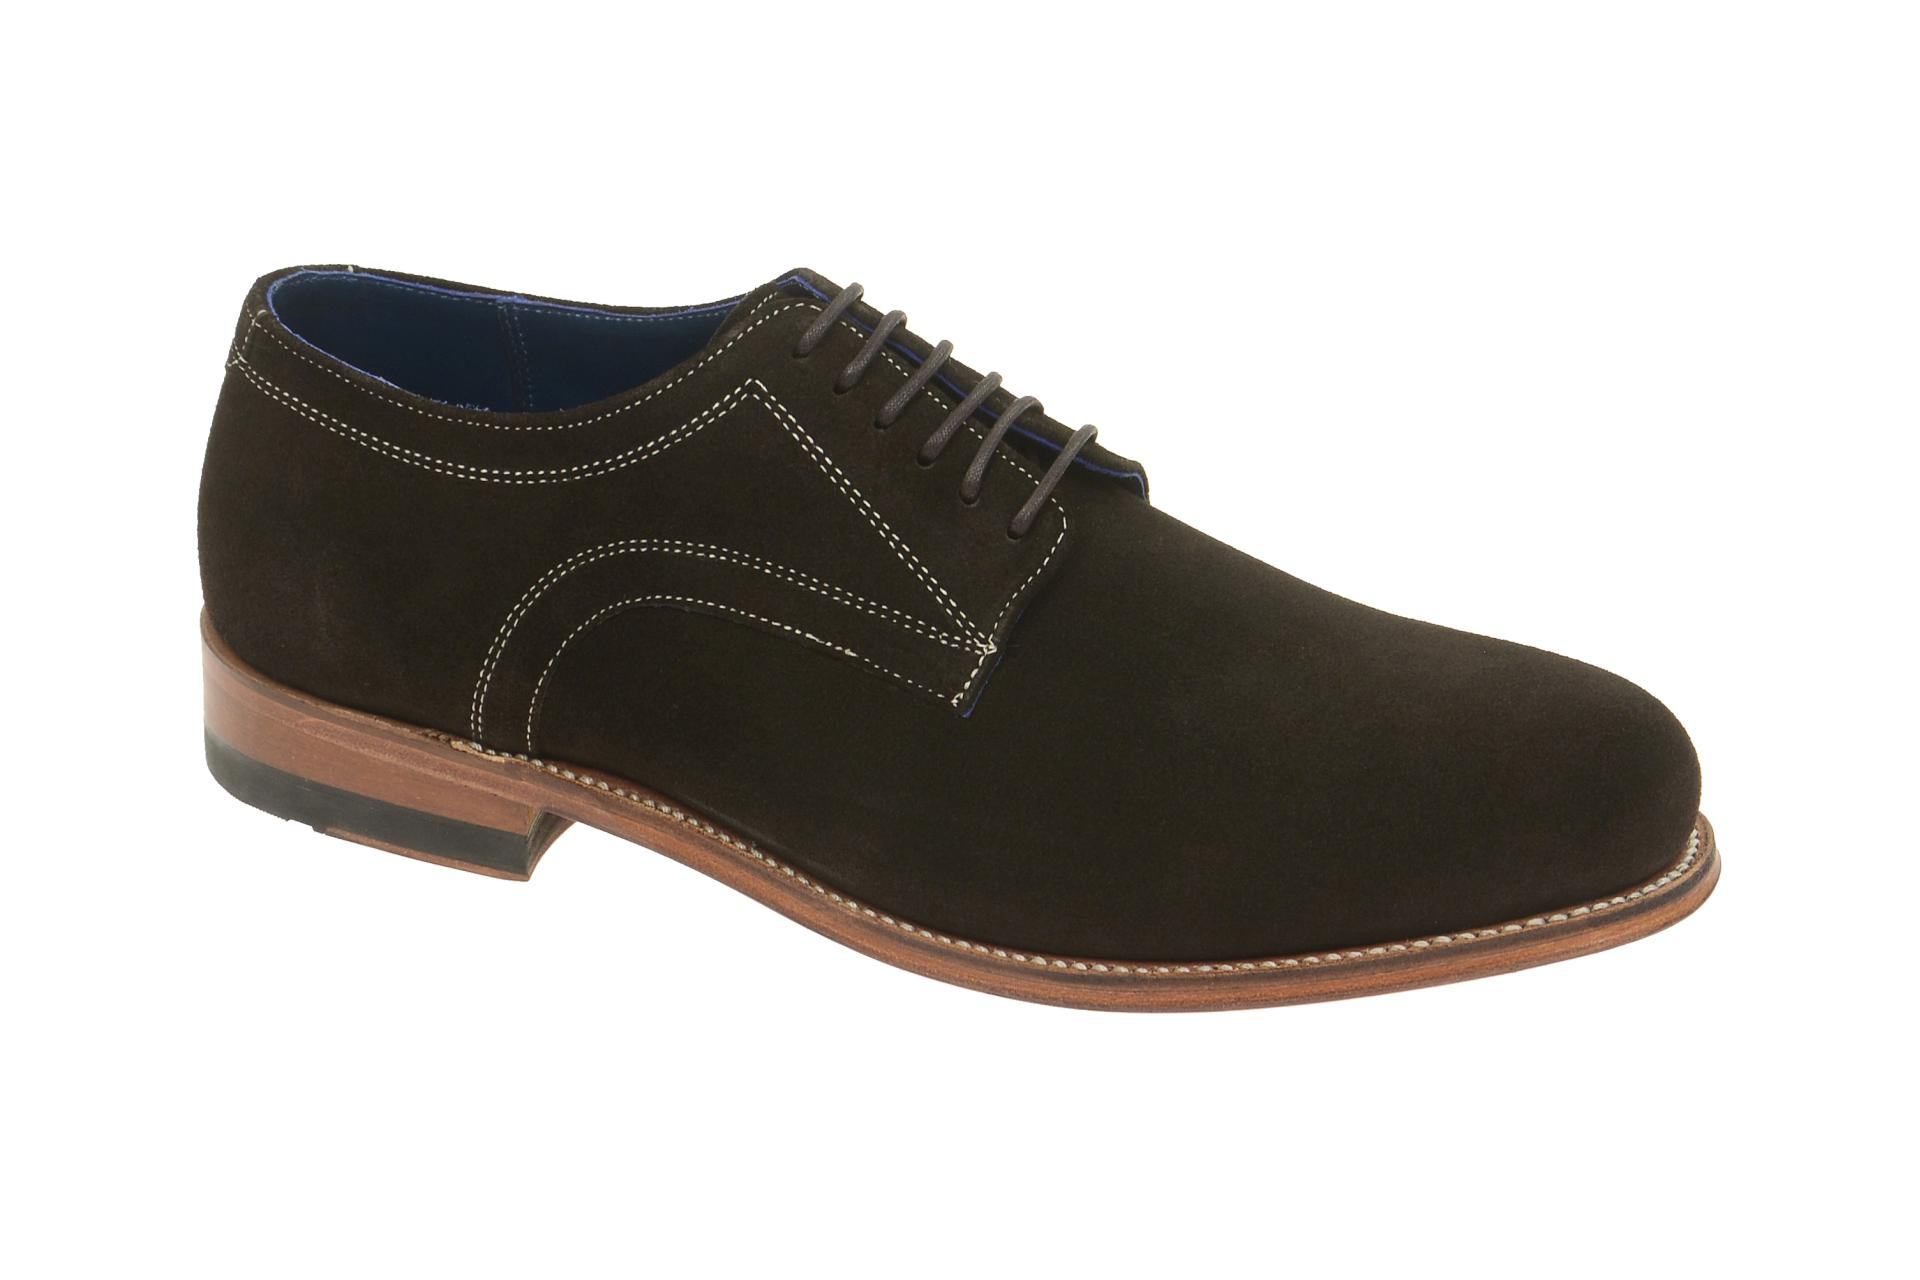 Gordon & Bros. Schuhe Levet braun Velour rahmengenäht 2320 :: Braun - 41 - Männlich - Erwachsene